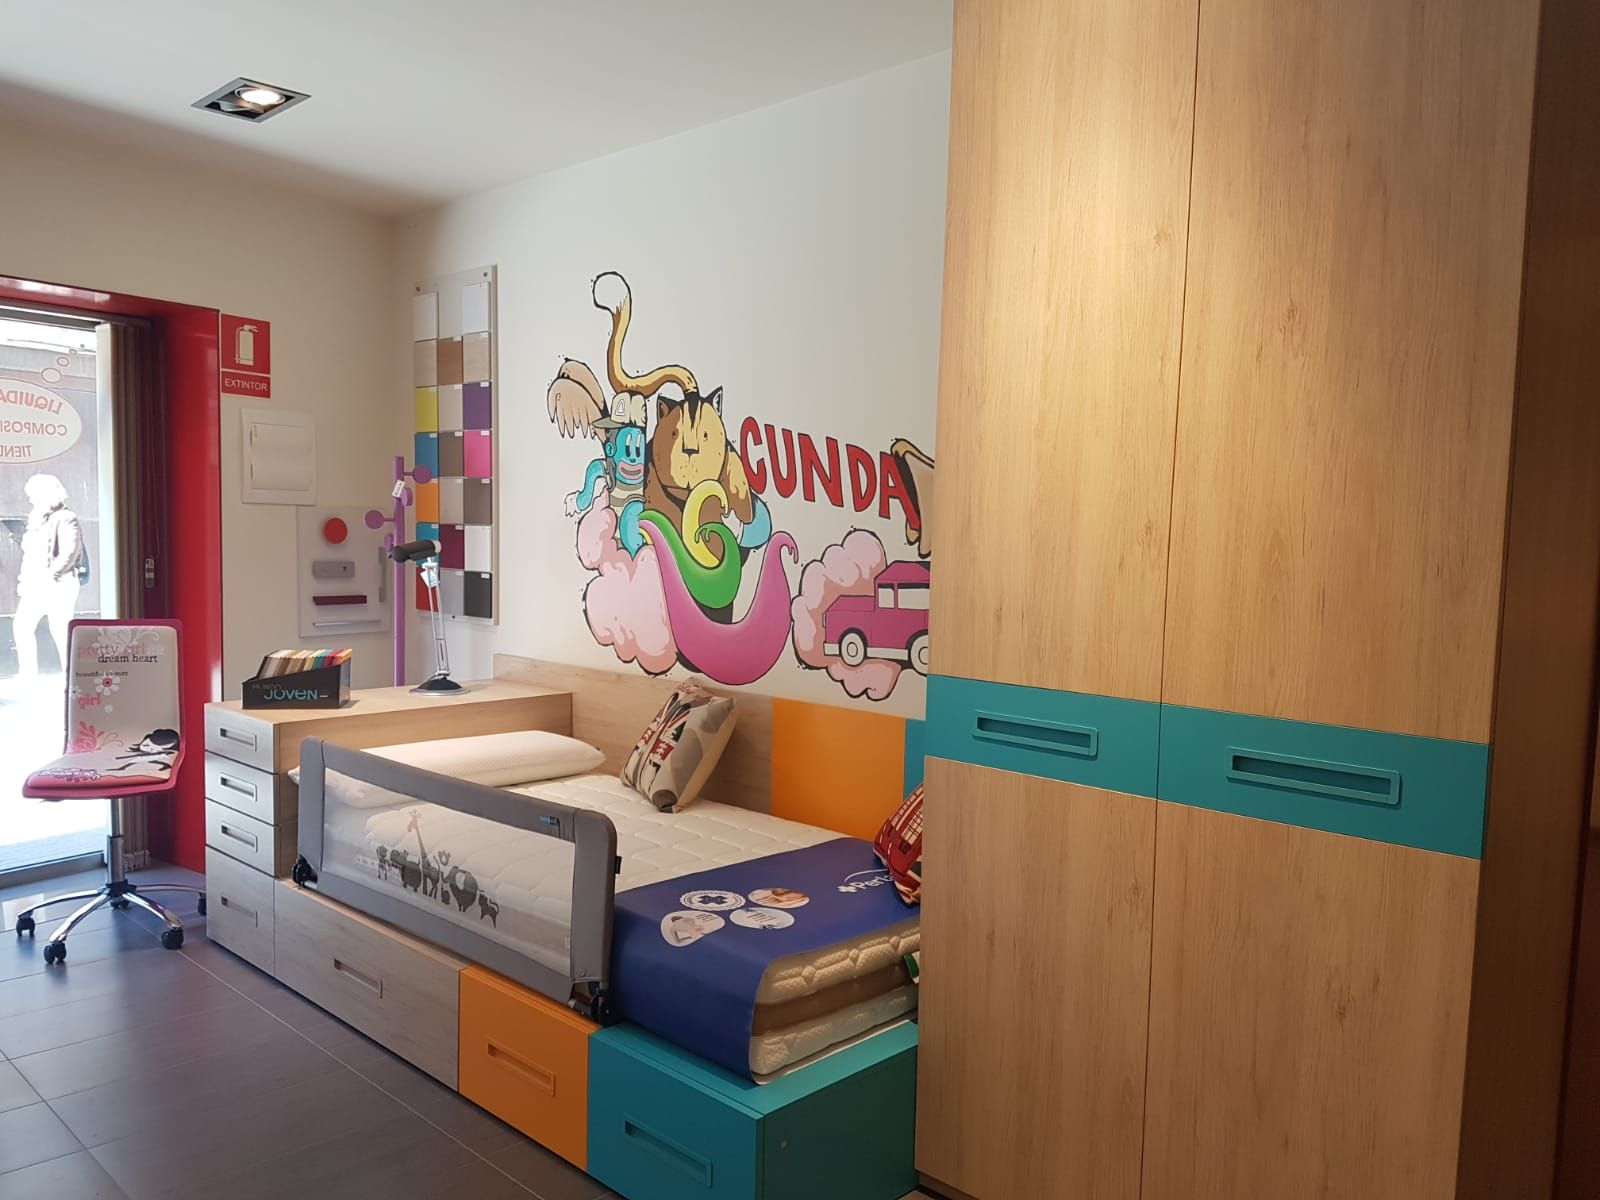 Mueble juvenil: Muebles de Muebles Mas